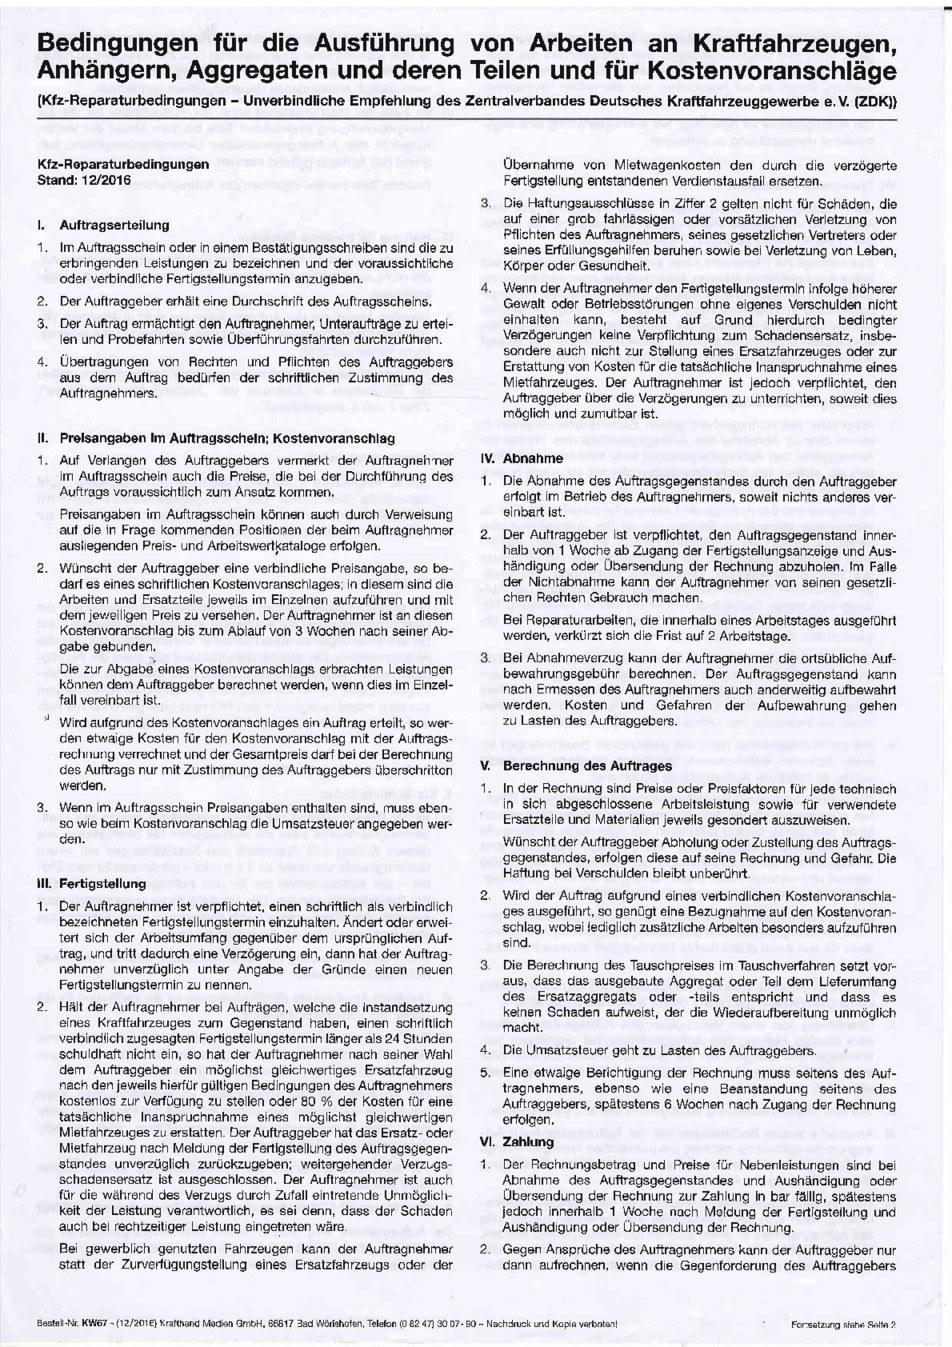 Kfz Reparaturbedingungen Seite 1 von 2